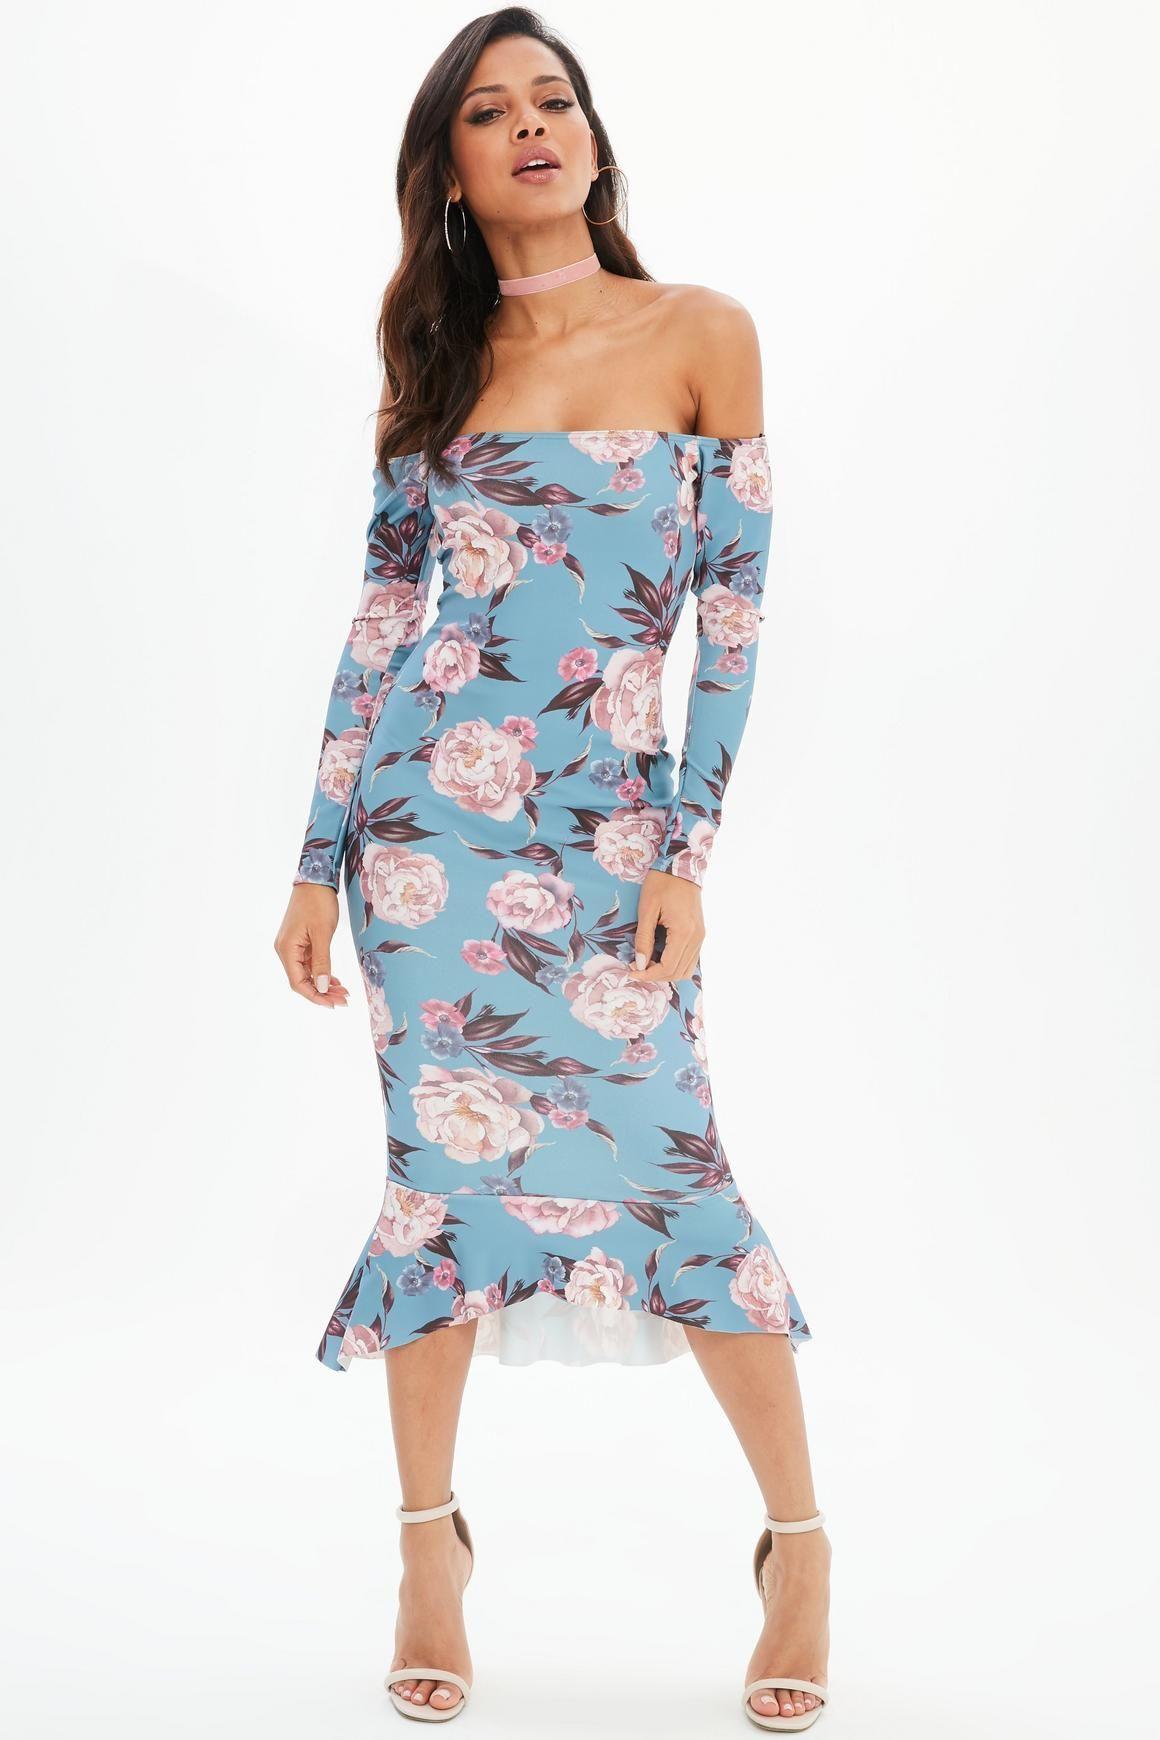 98c737e7ecb3 Missguided - Blue Floral Print Bardot Fishtail Midi Dress | My Life ...